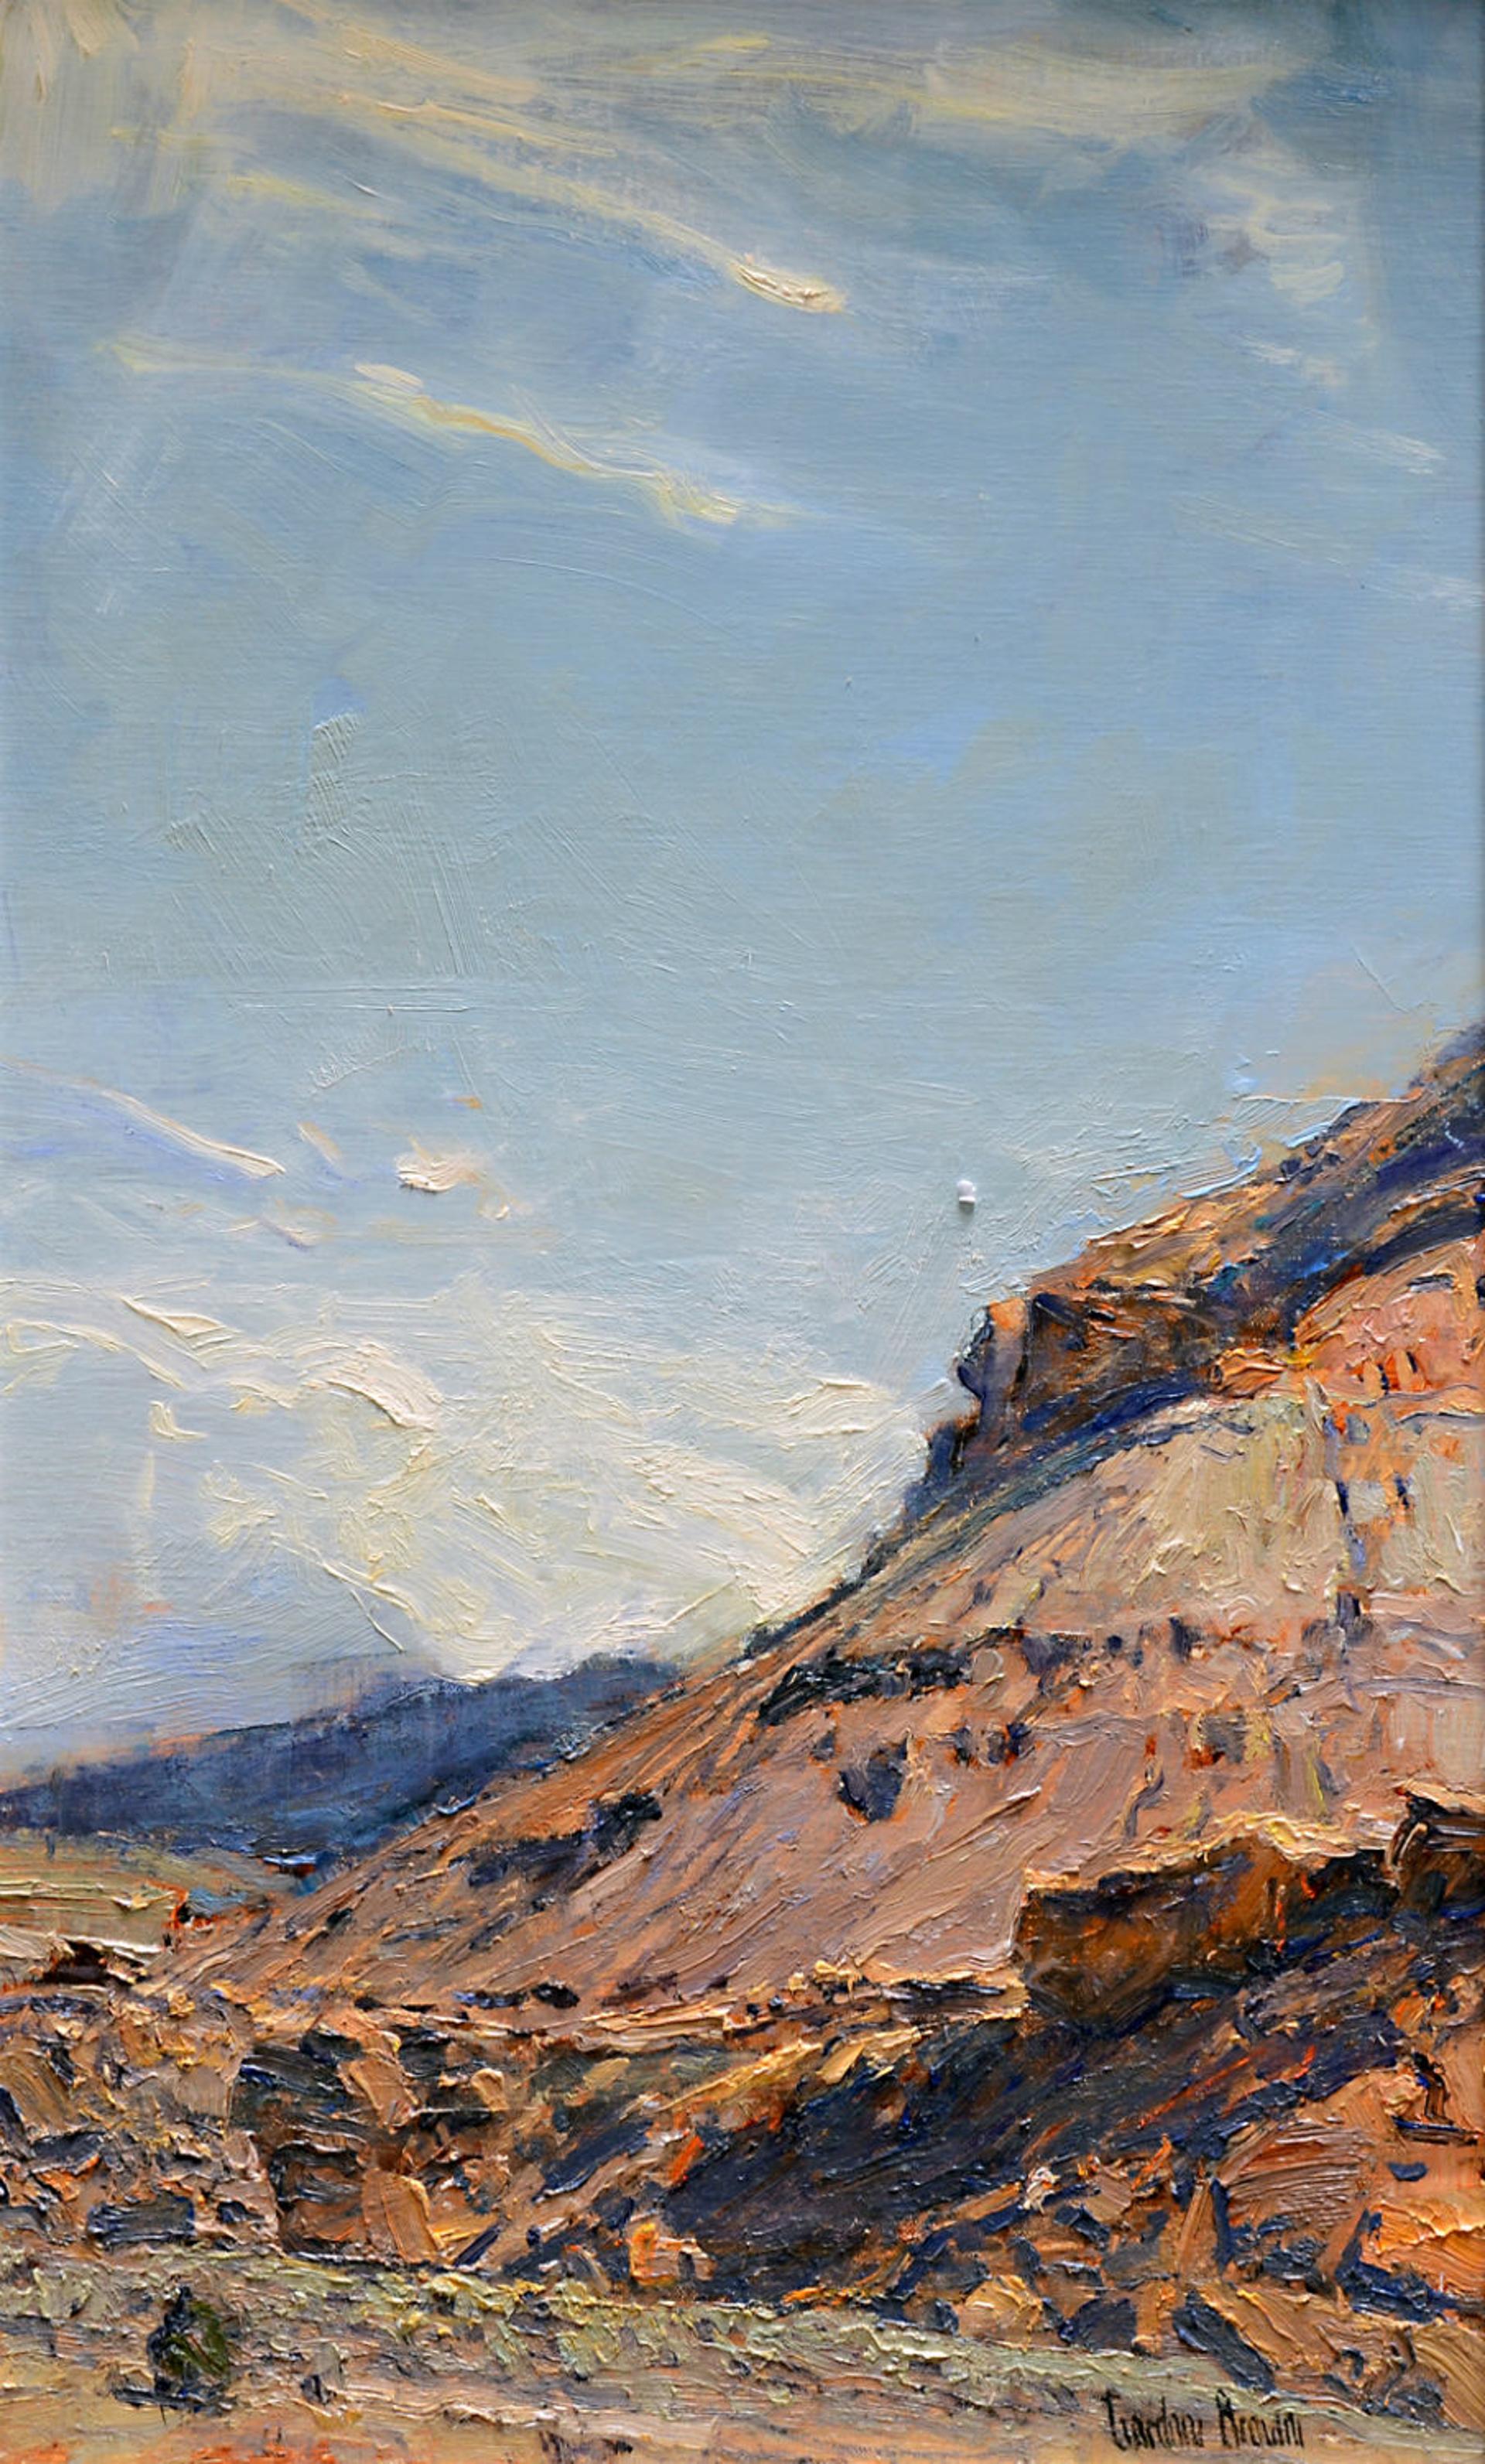 Canyon Bluff by Gordon Brown